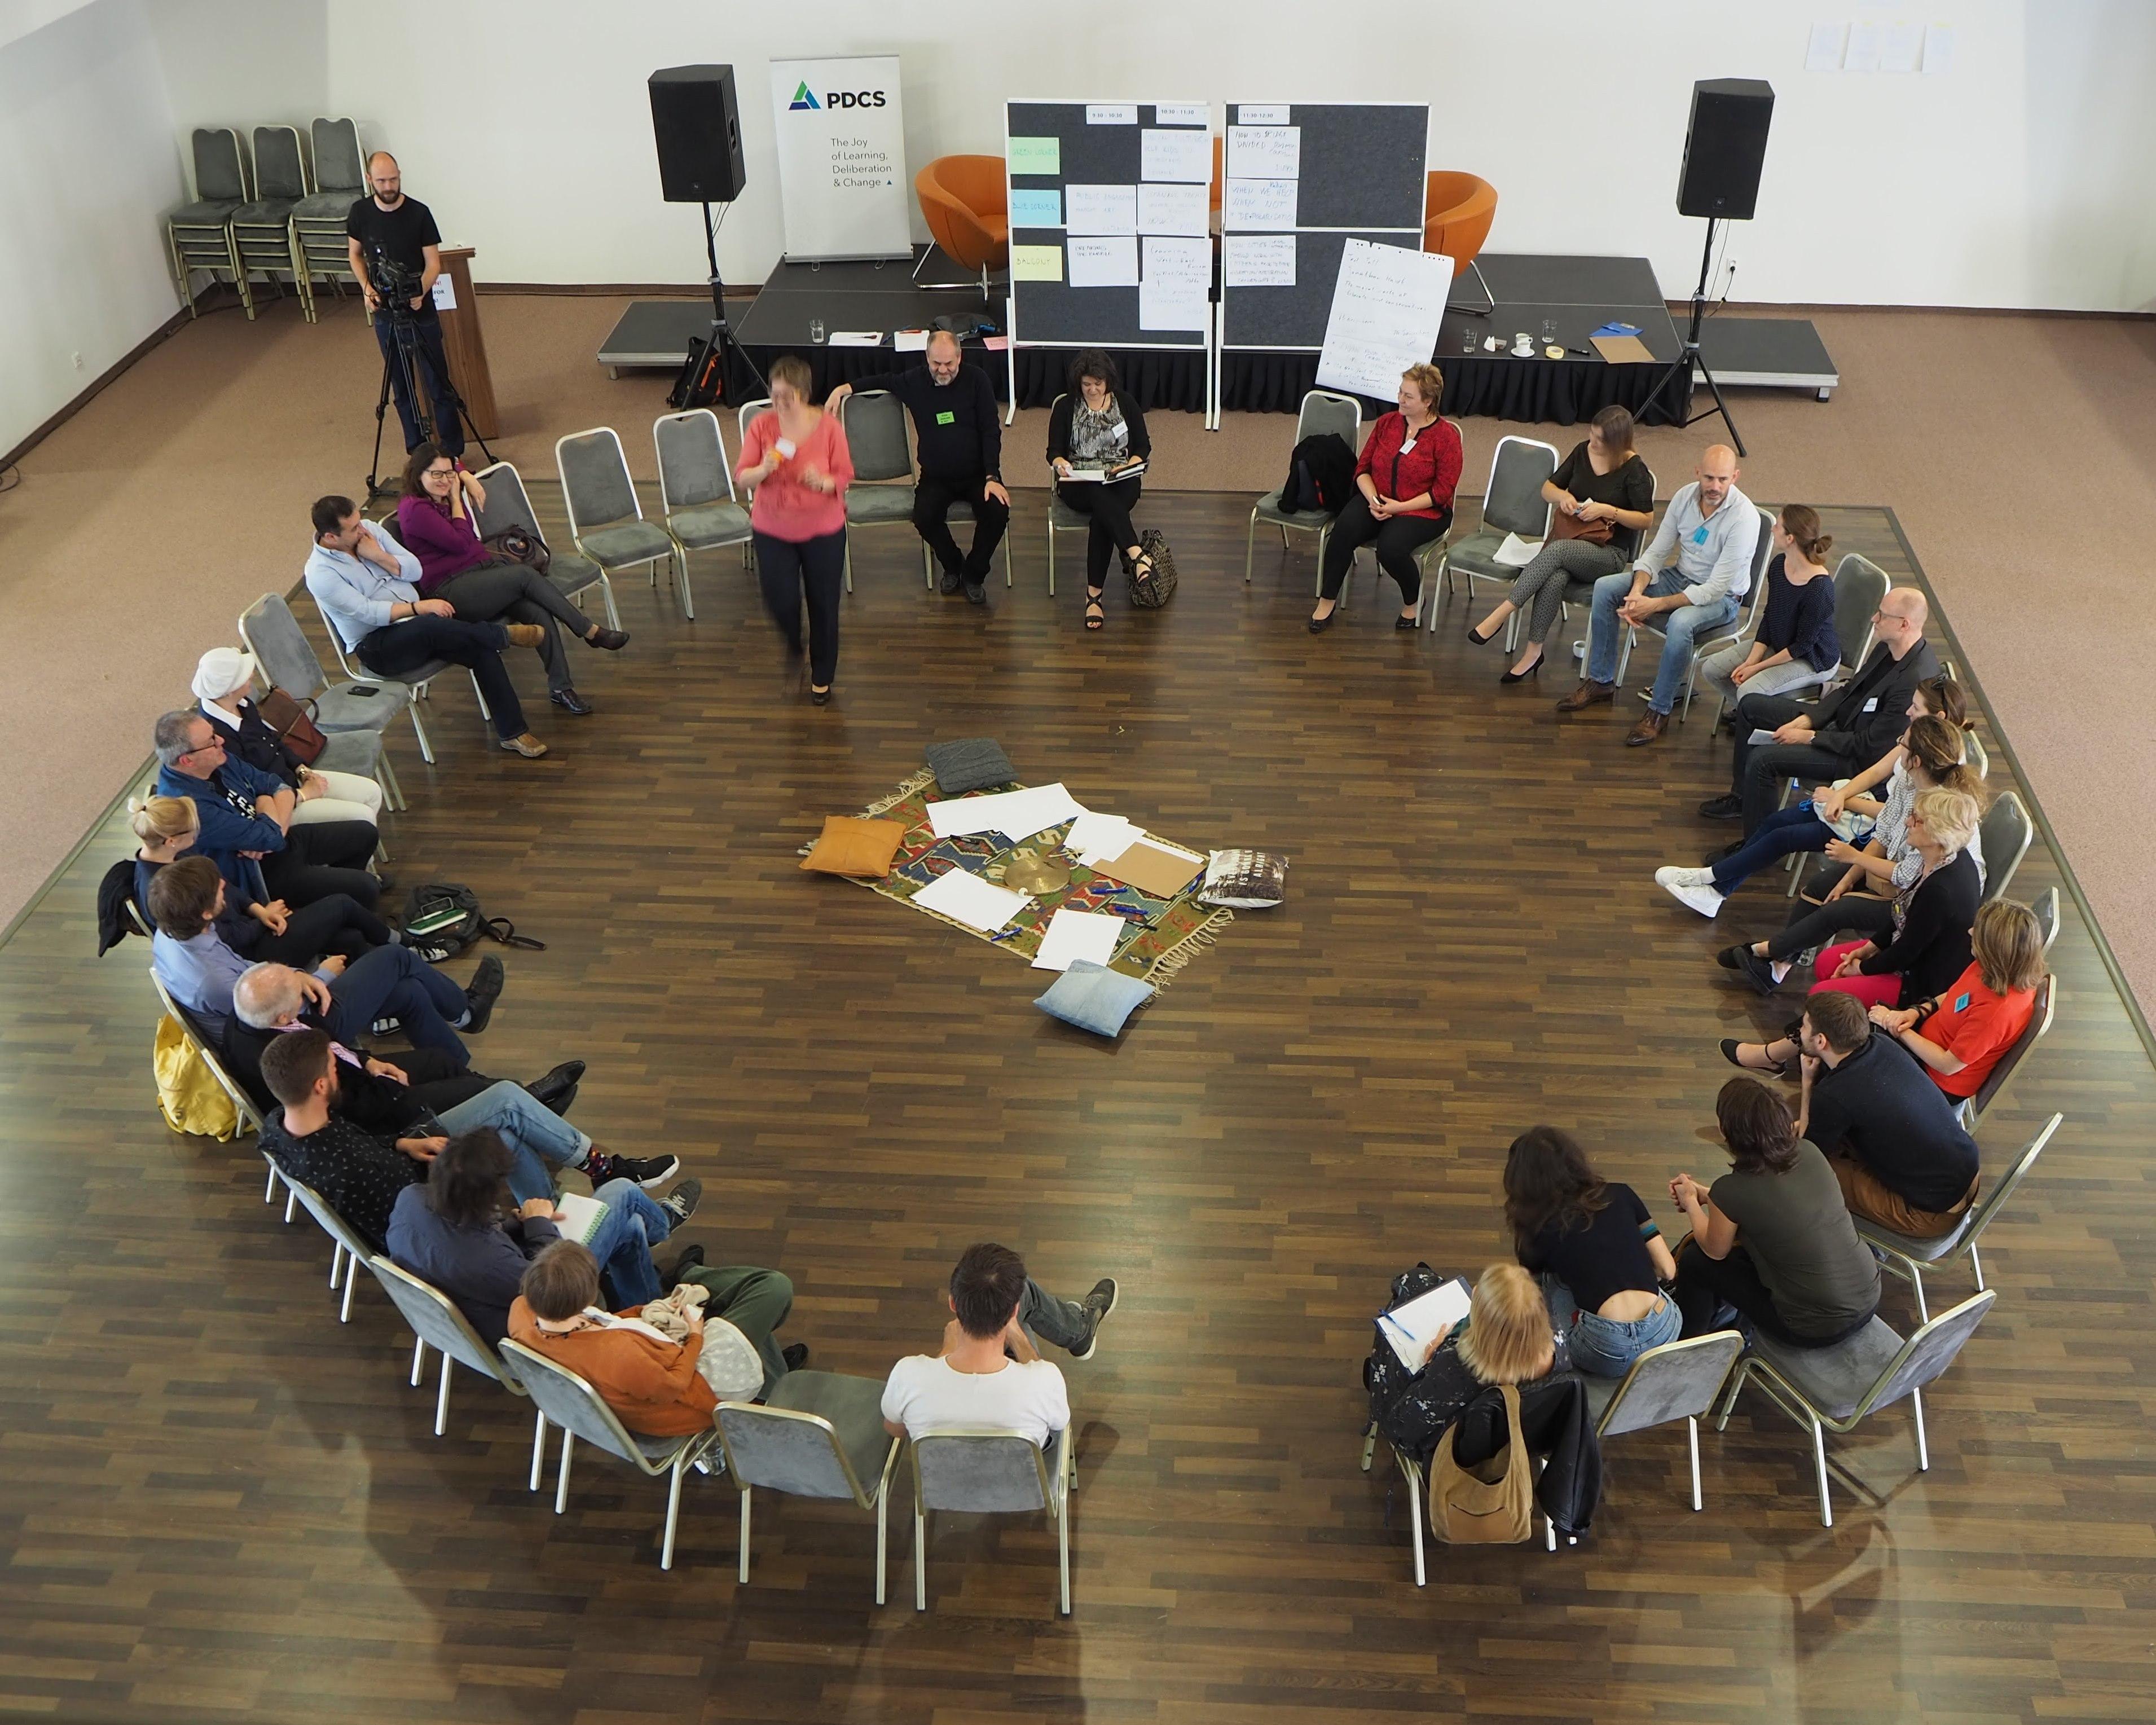 Rozvoj v dialógu - dialóg v rozvoji